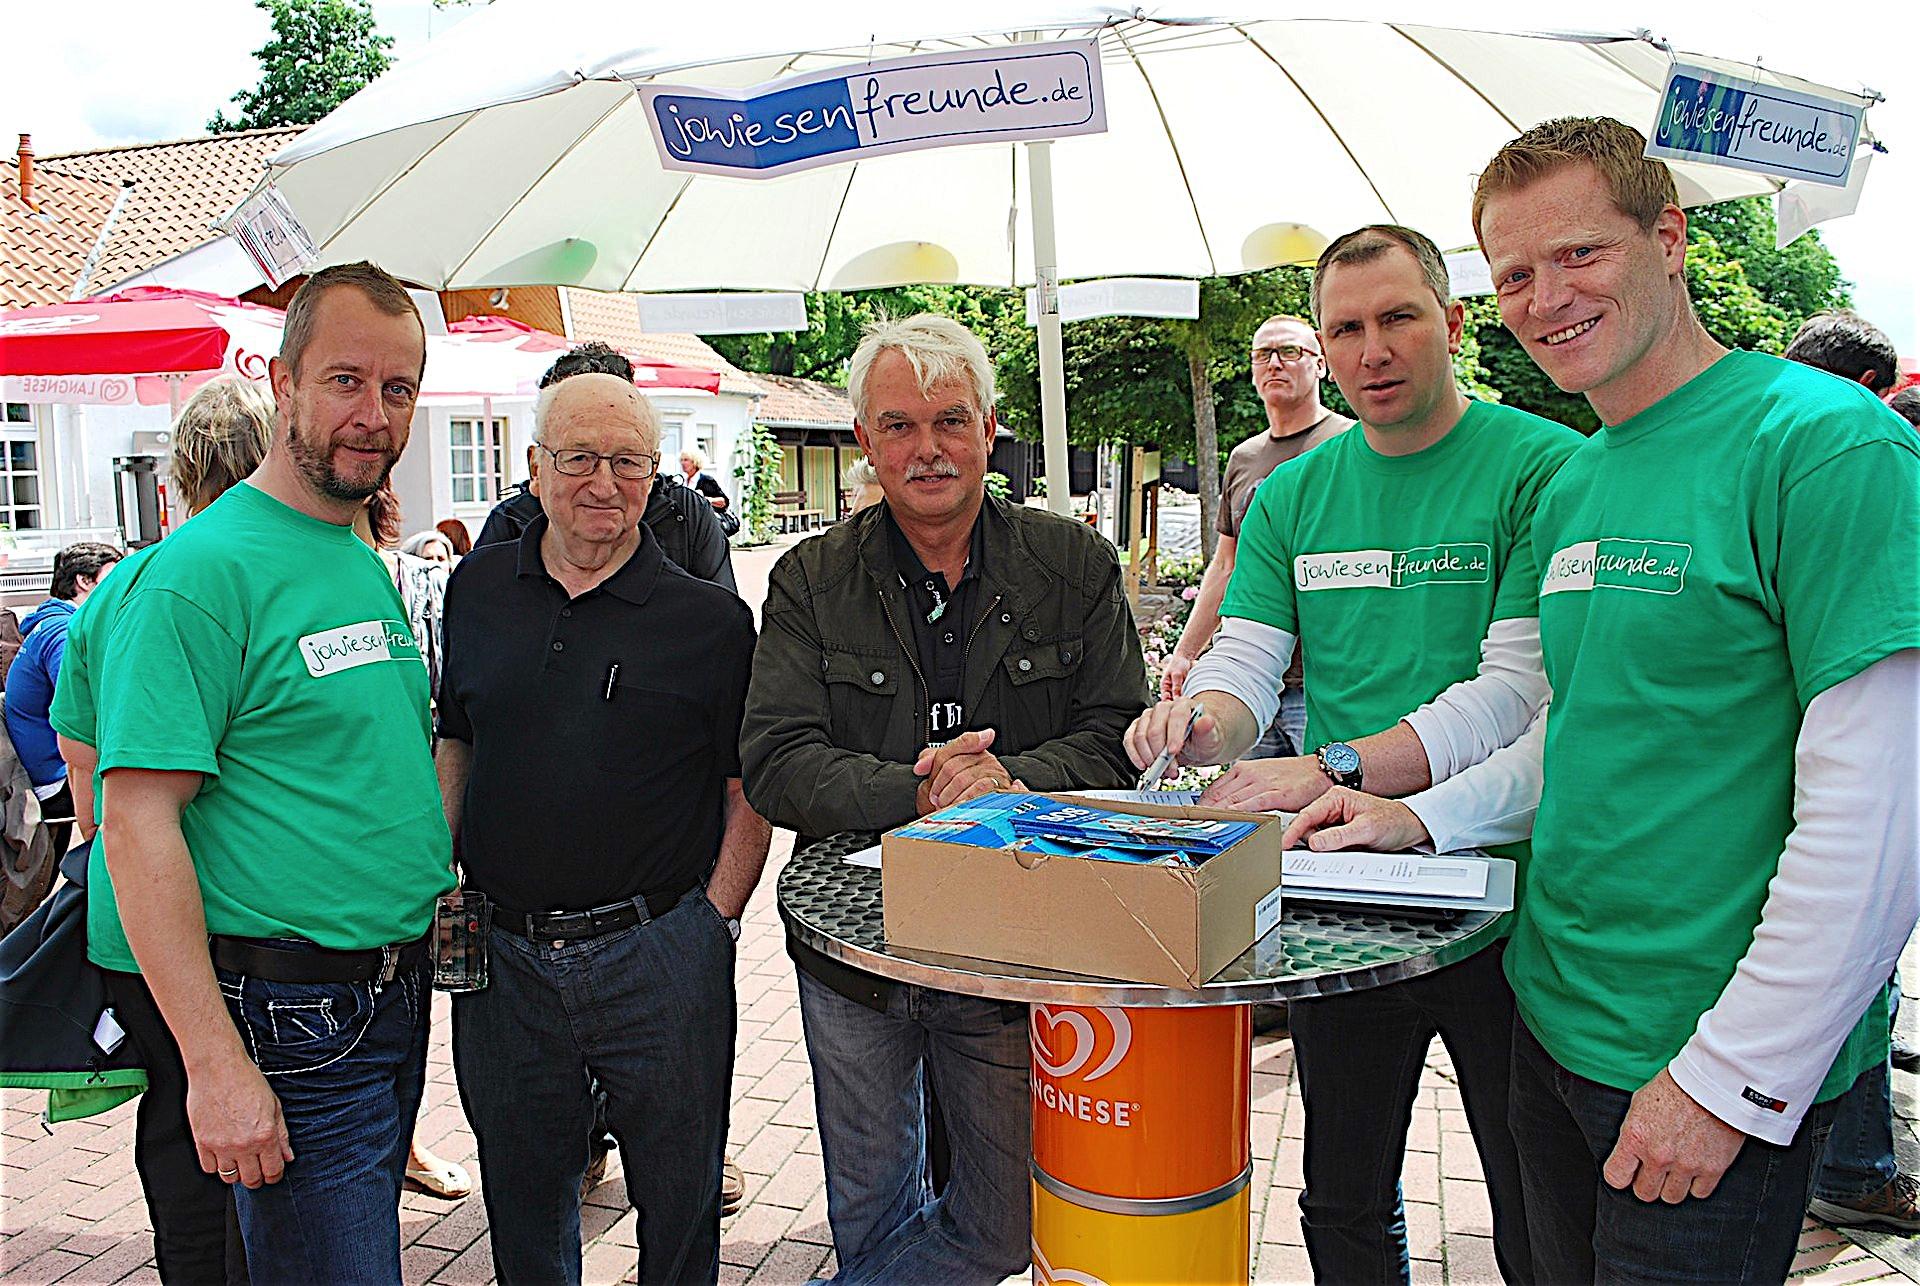 Der Oberbürgermeister ist auch ein Freund der Jowiese: Überdas Freibad sprechen der stellvertretende Vereinsvorsitzende Henrik Specht,Eintracht-Vize Hans-Jürgen Bertsche, Kurt Machens, SchatzmeisterChristianZiegenbein und Vorsitzender Dirk Schütze.